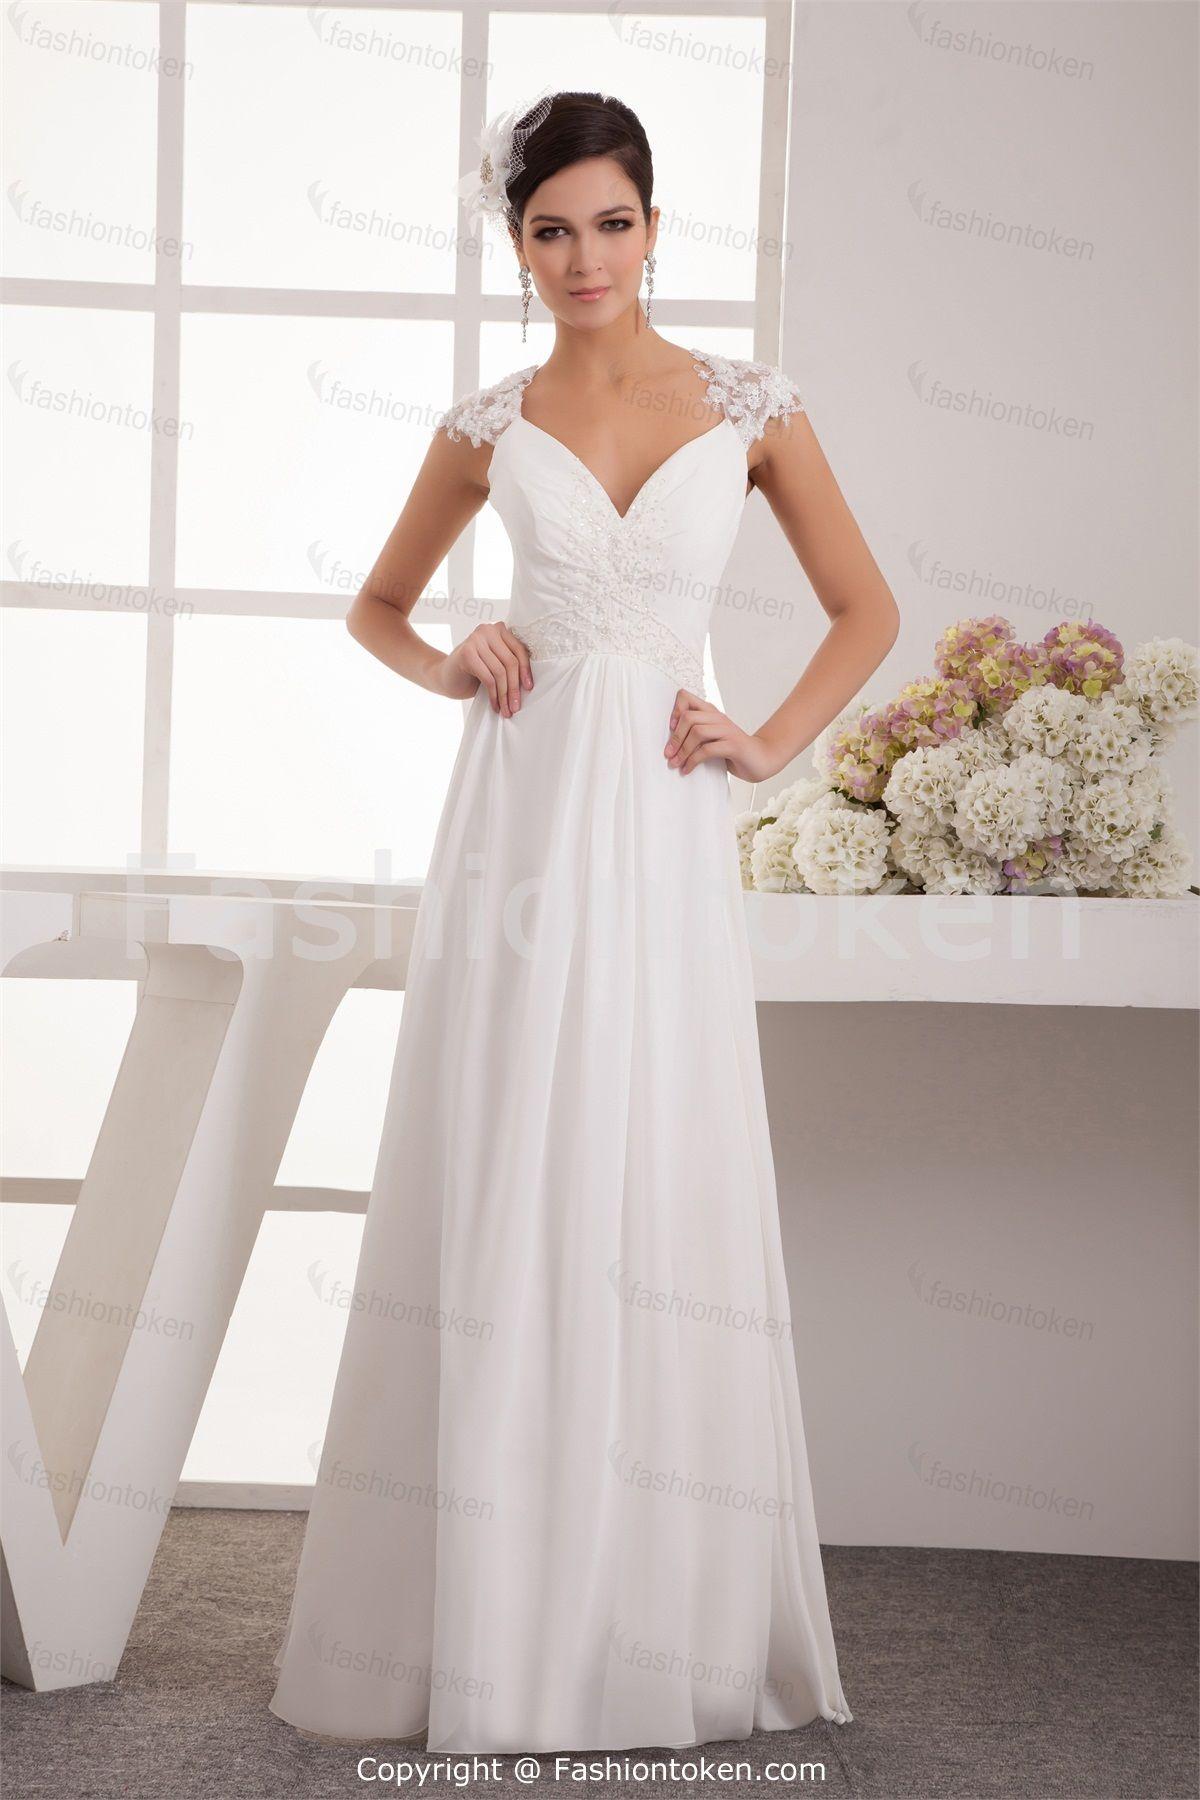 Images of Destination Wedding Dresses - Reikian